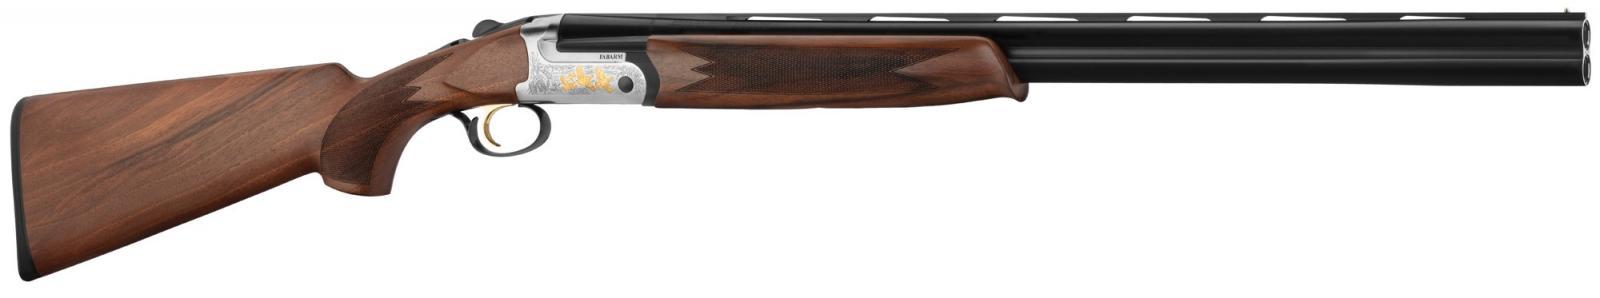 Fusil superposé FABARM Elos A2 Classic Gold cal. 20/76